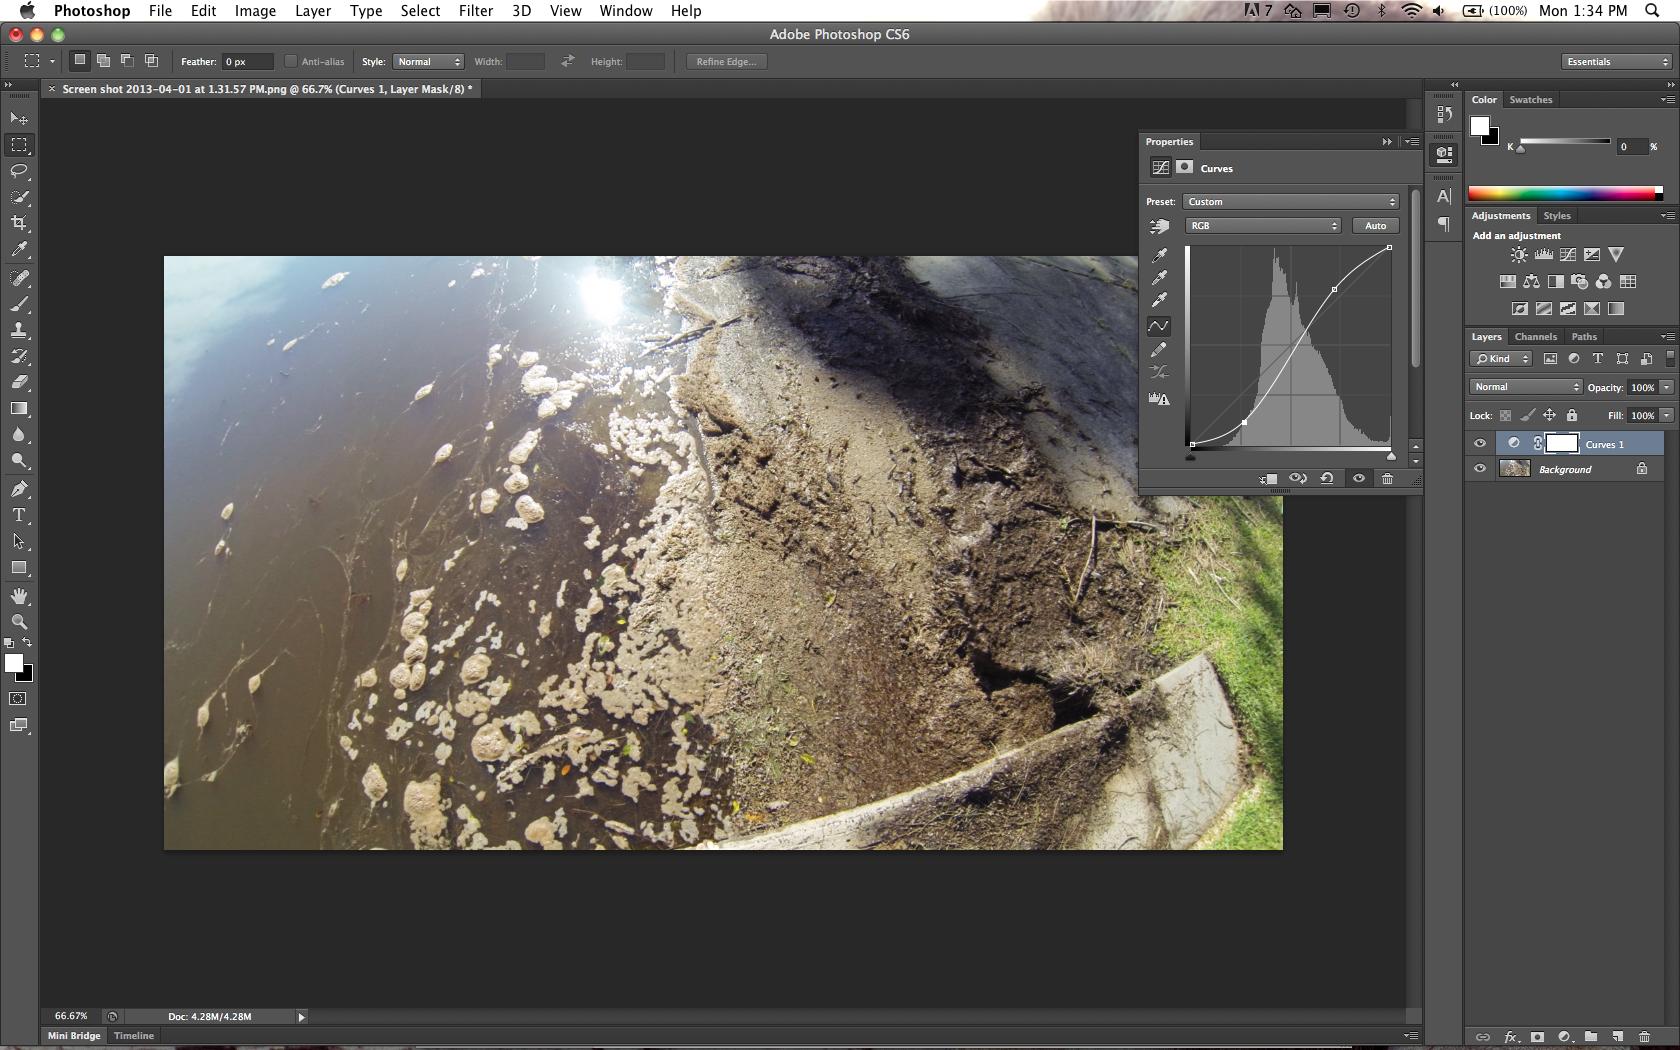 Macintosh HD:Users:aaron_b:Desktop:Screen shot 2013-04-01 at 1.34.32 PM.png